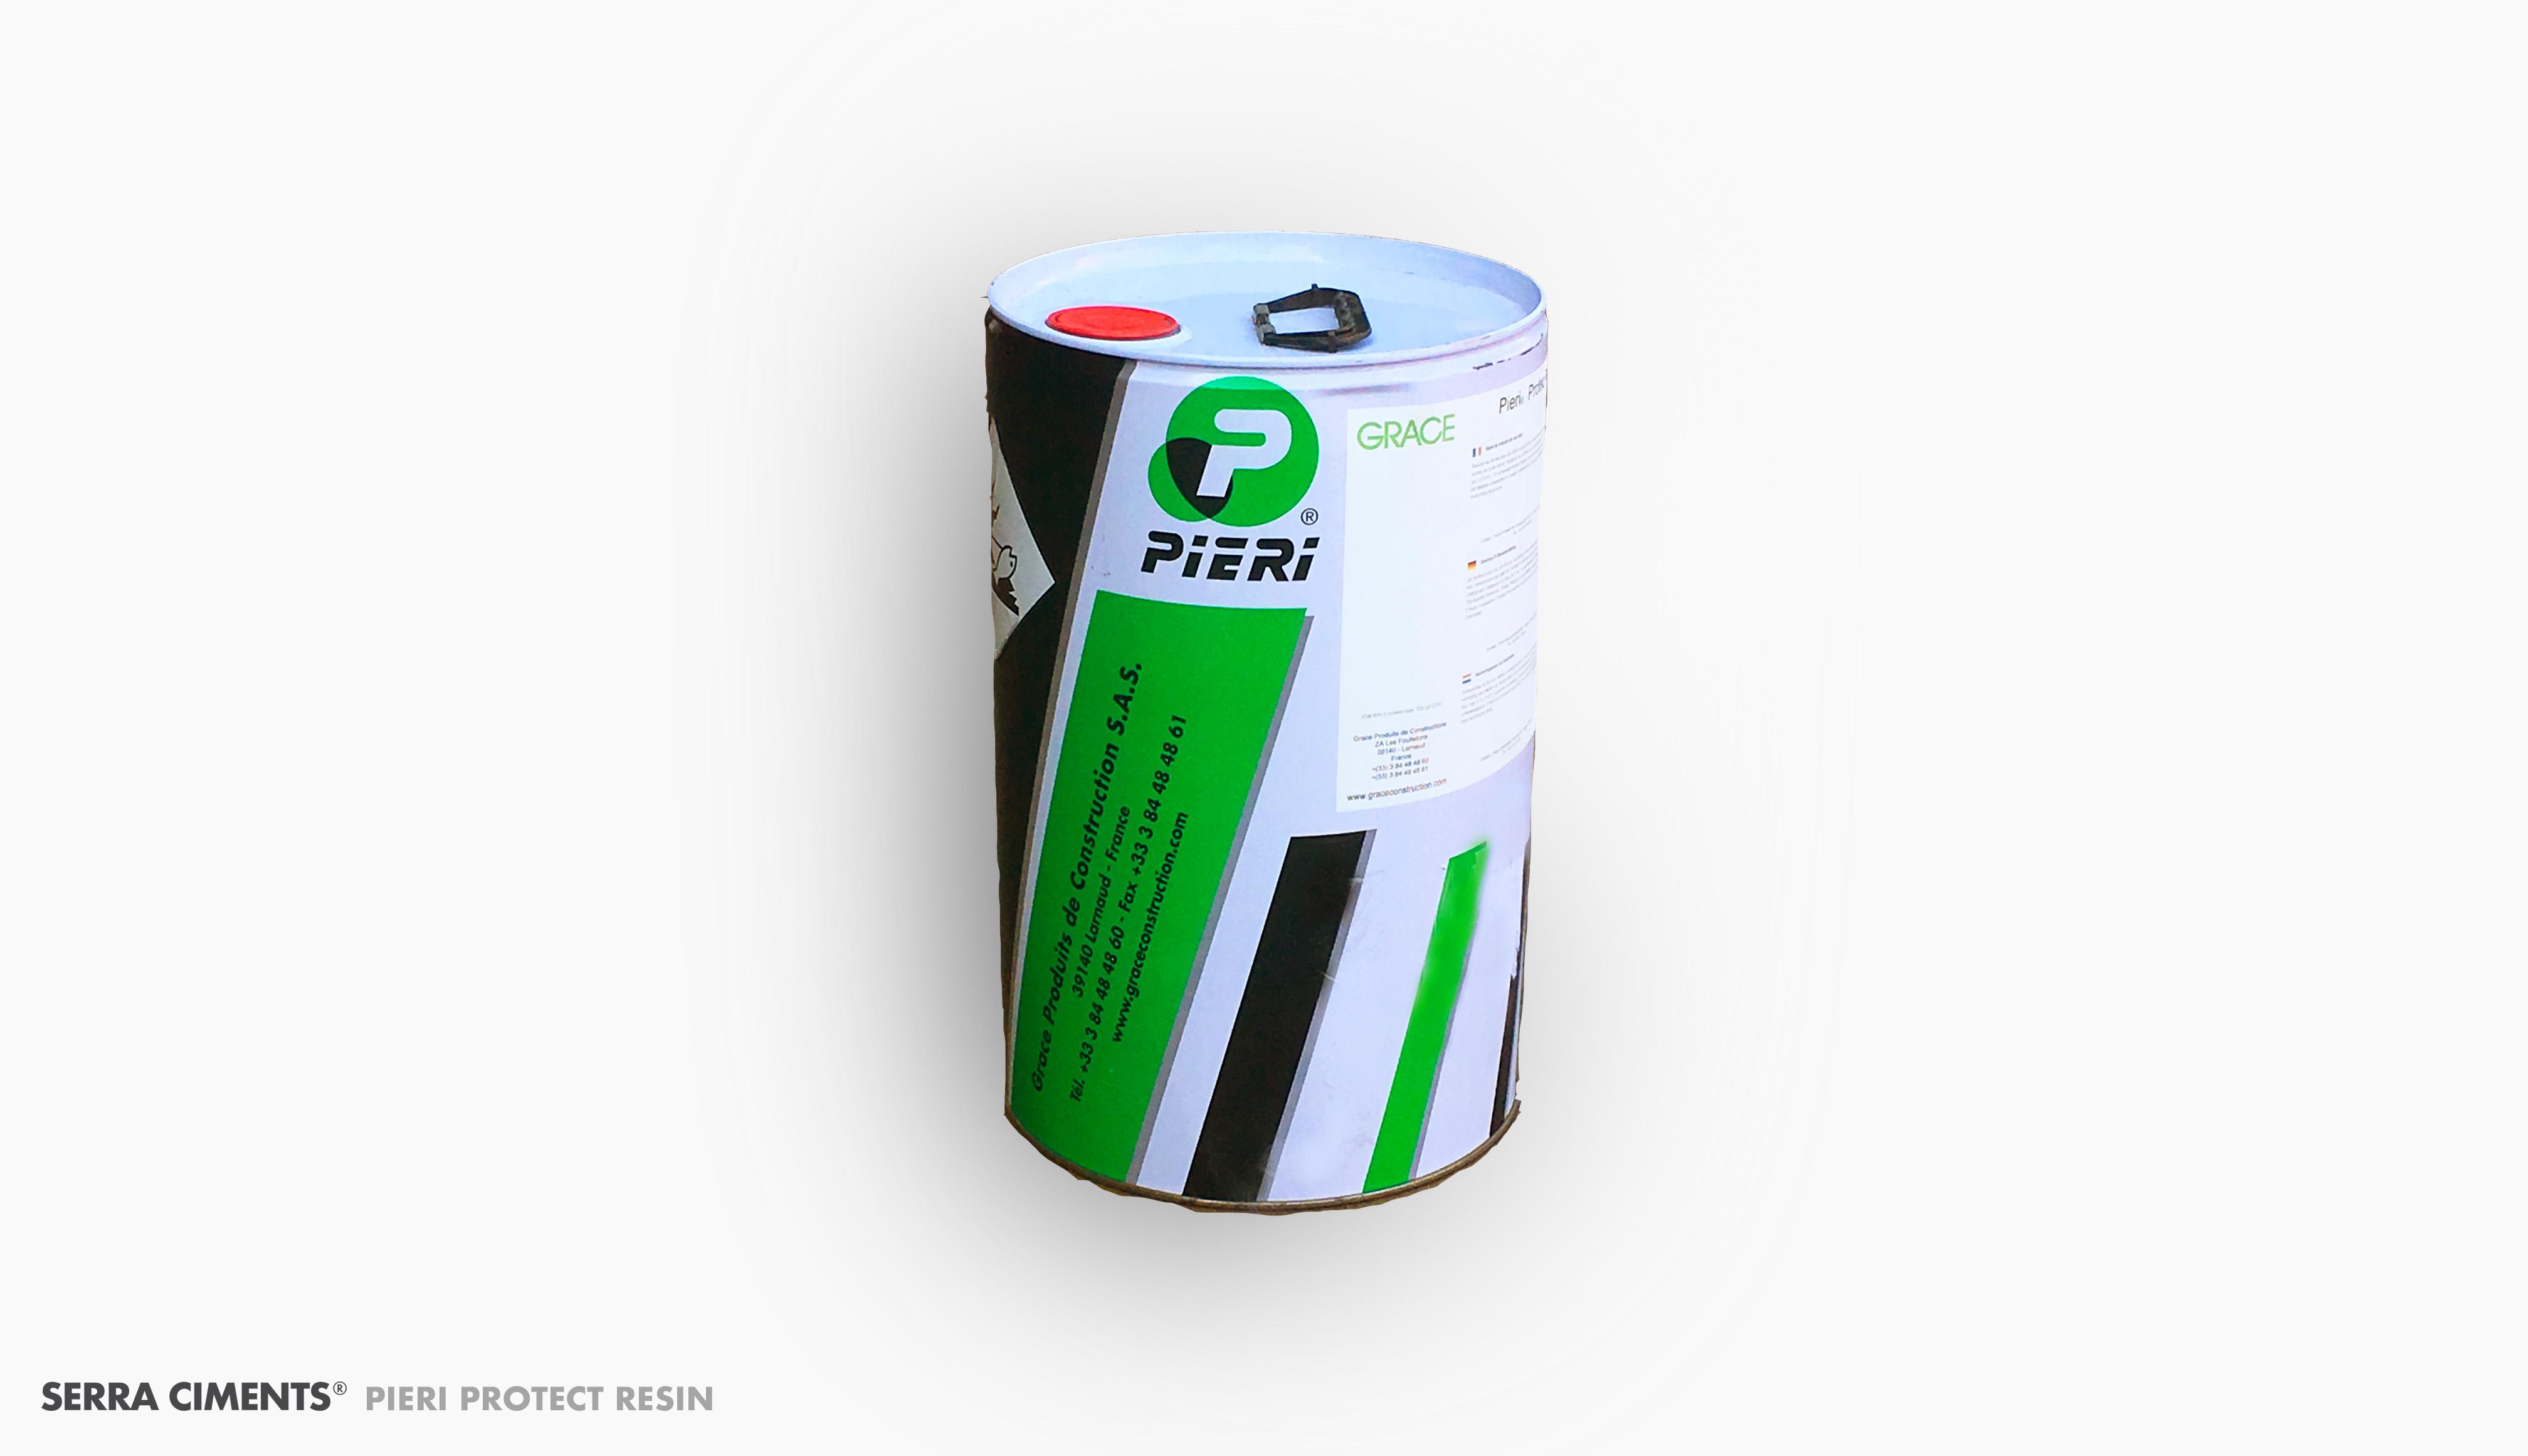 pieri protect resin